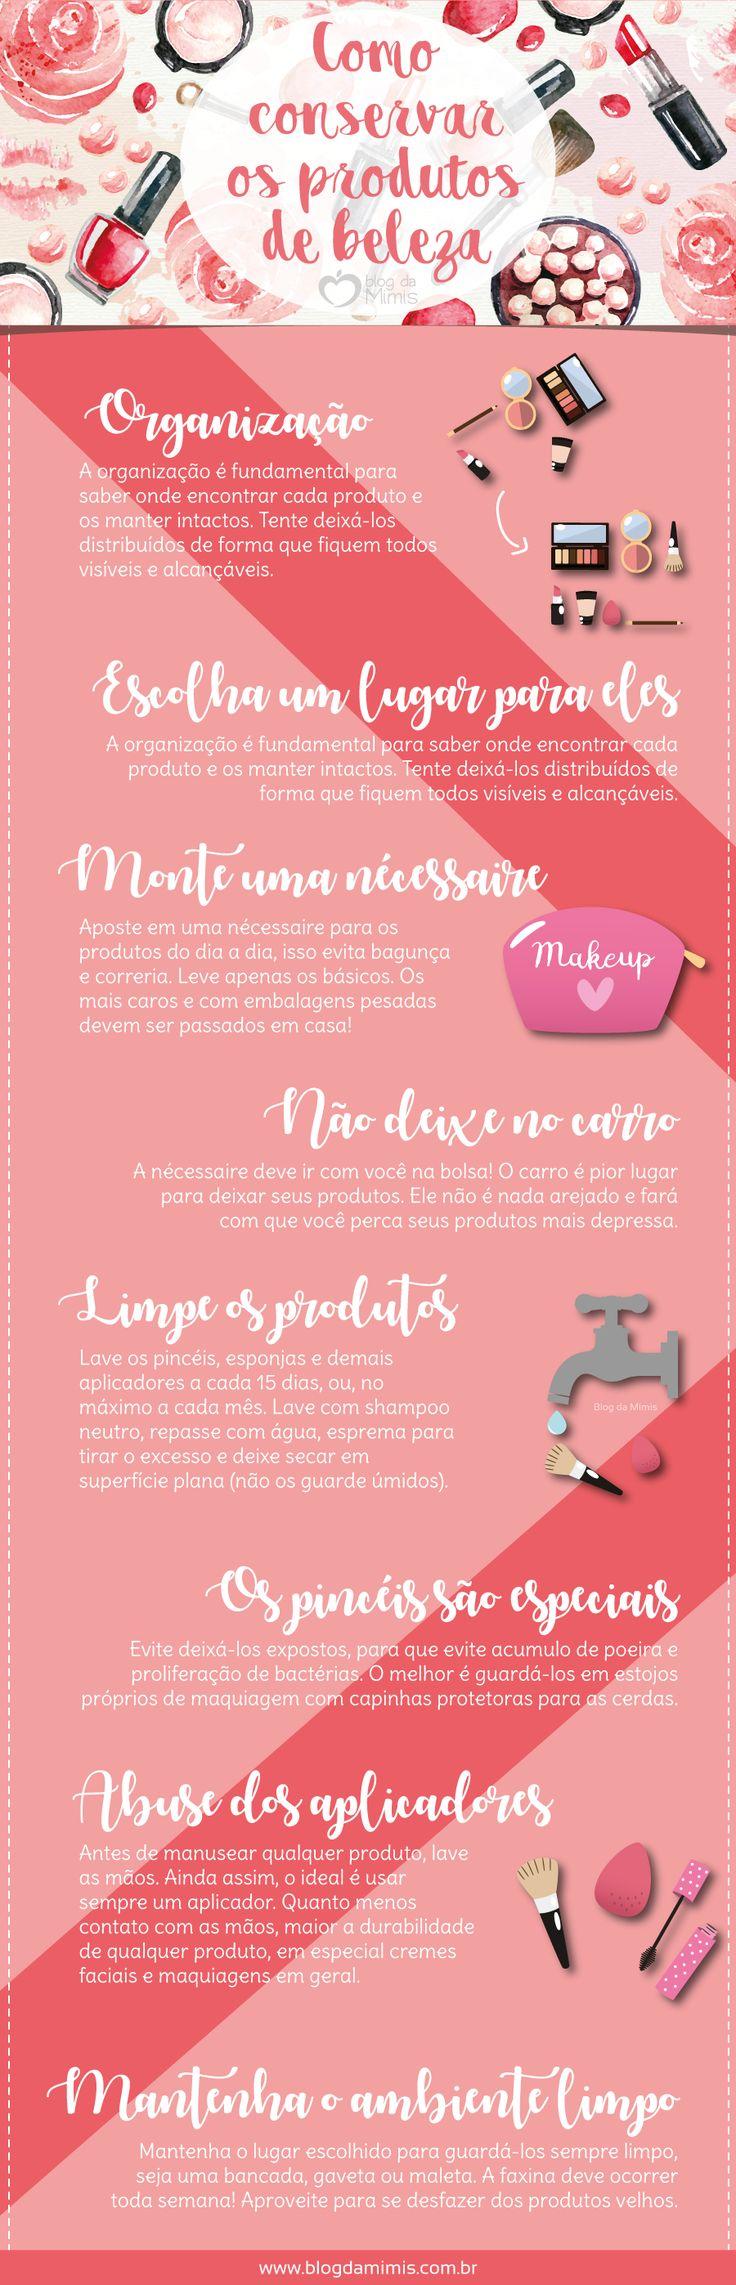 Como conservar os produtos de beleza - Blog da Mimis